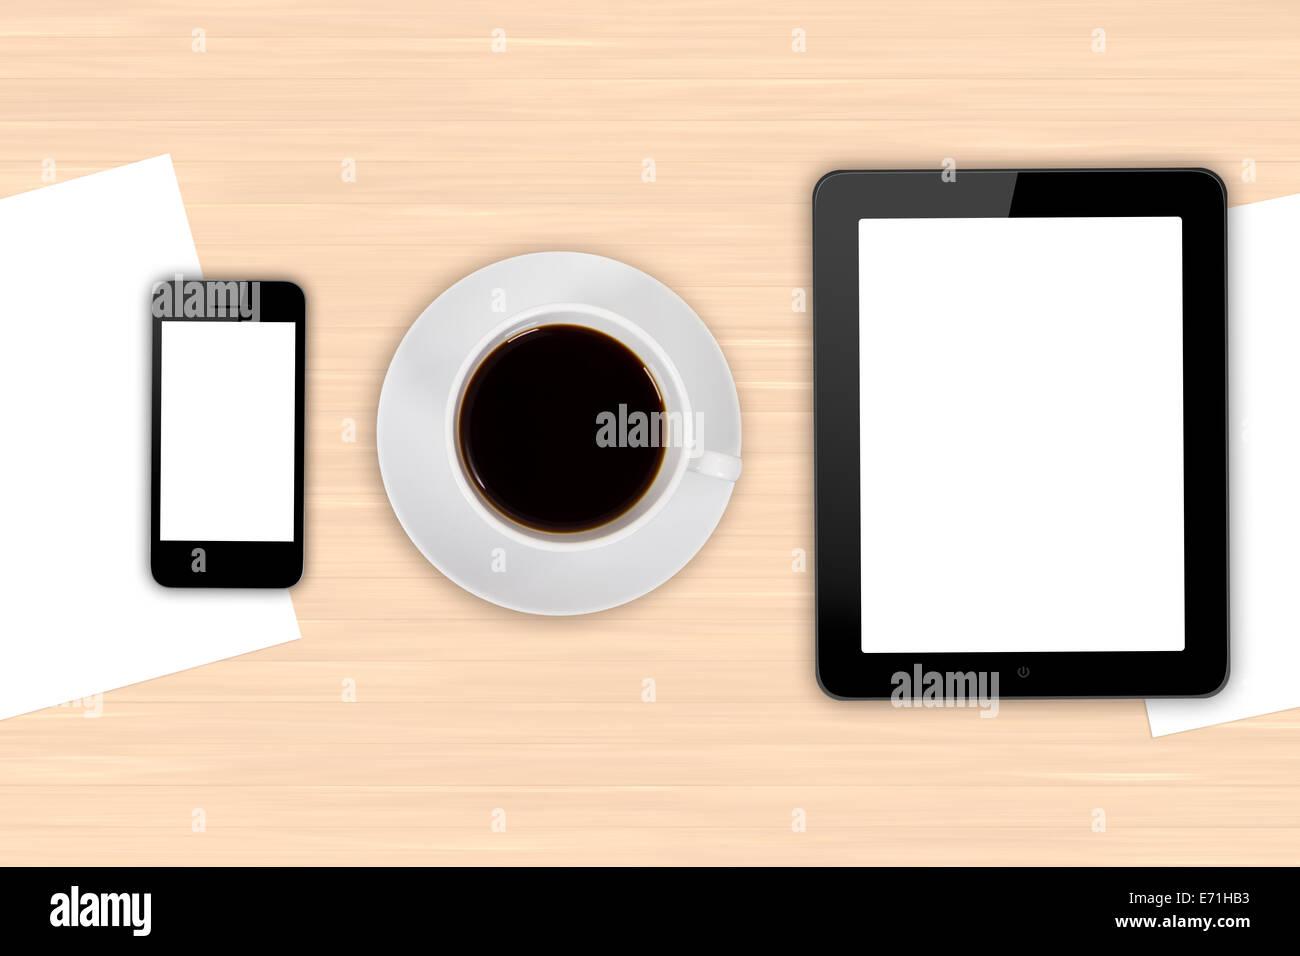 Vue de dessus du milieu d'affaires moderne, tablette numérique et smart phone avec écran vide blanc vide, stylo, tasse de café noir dr Banque D'Images